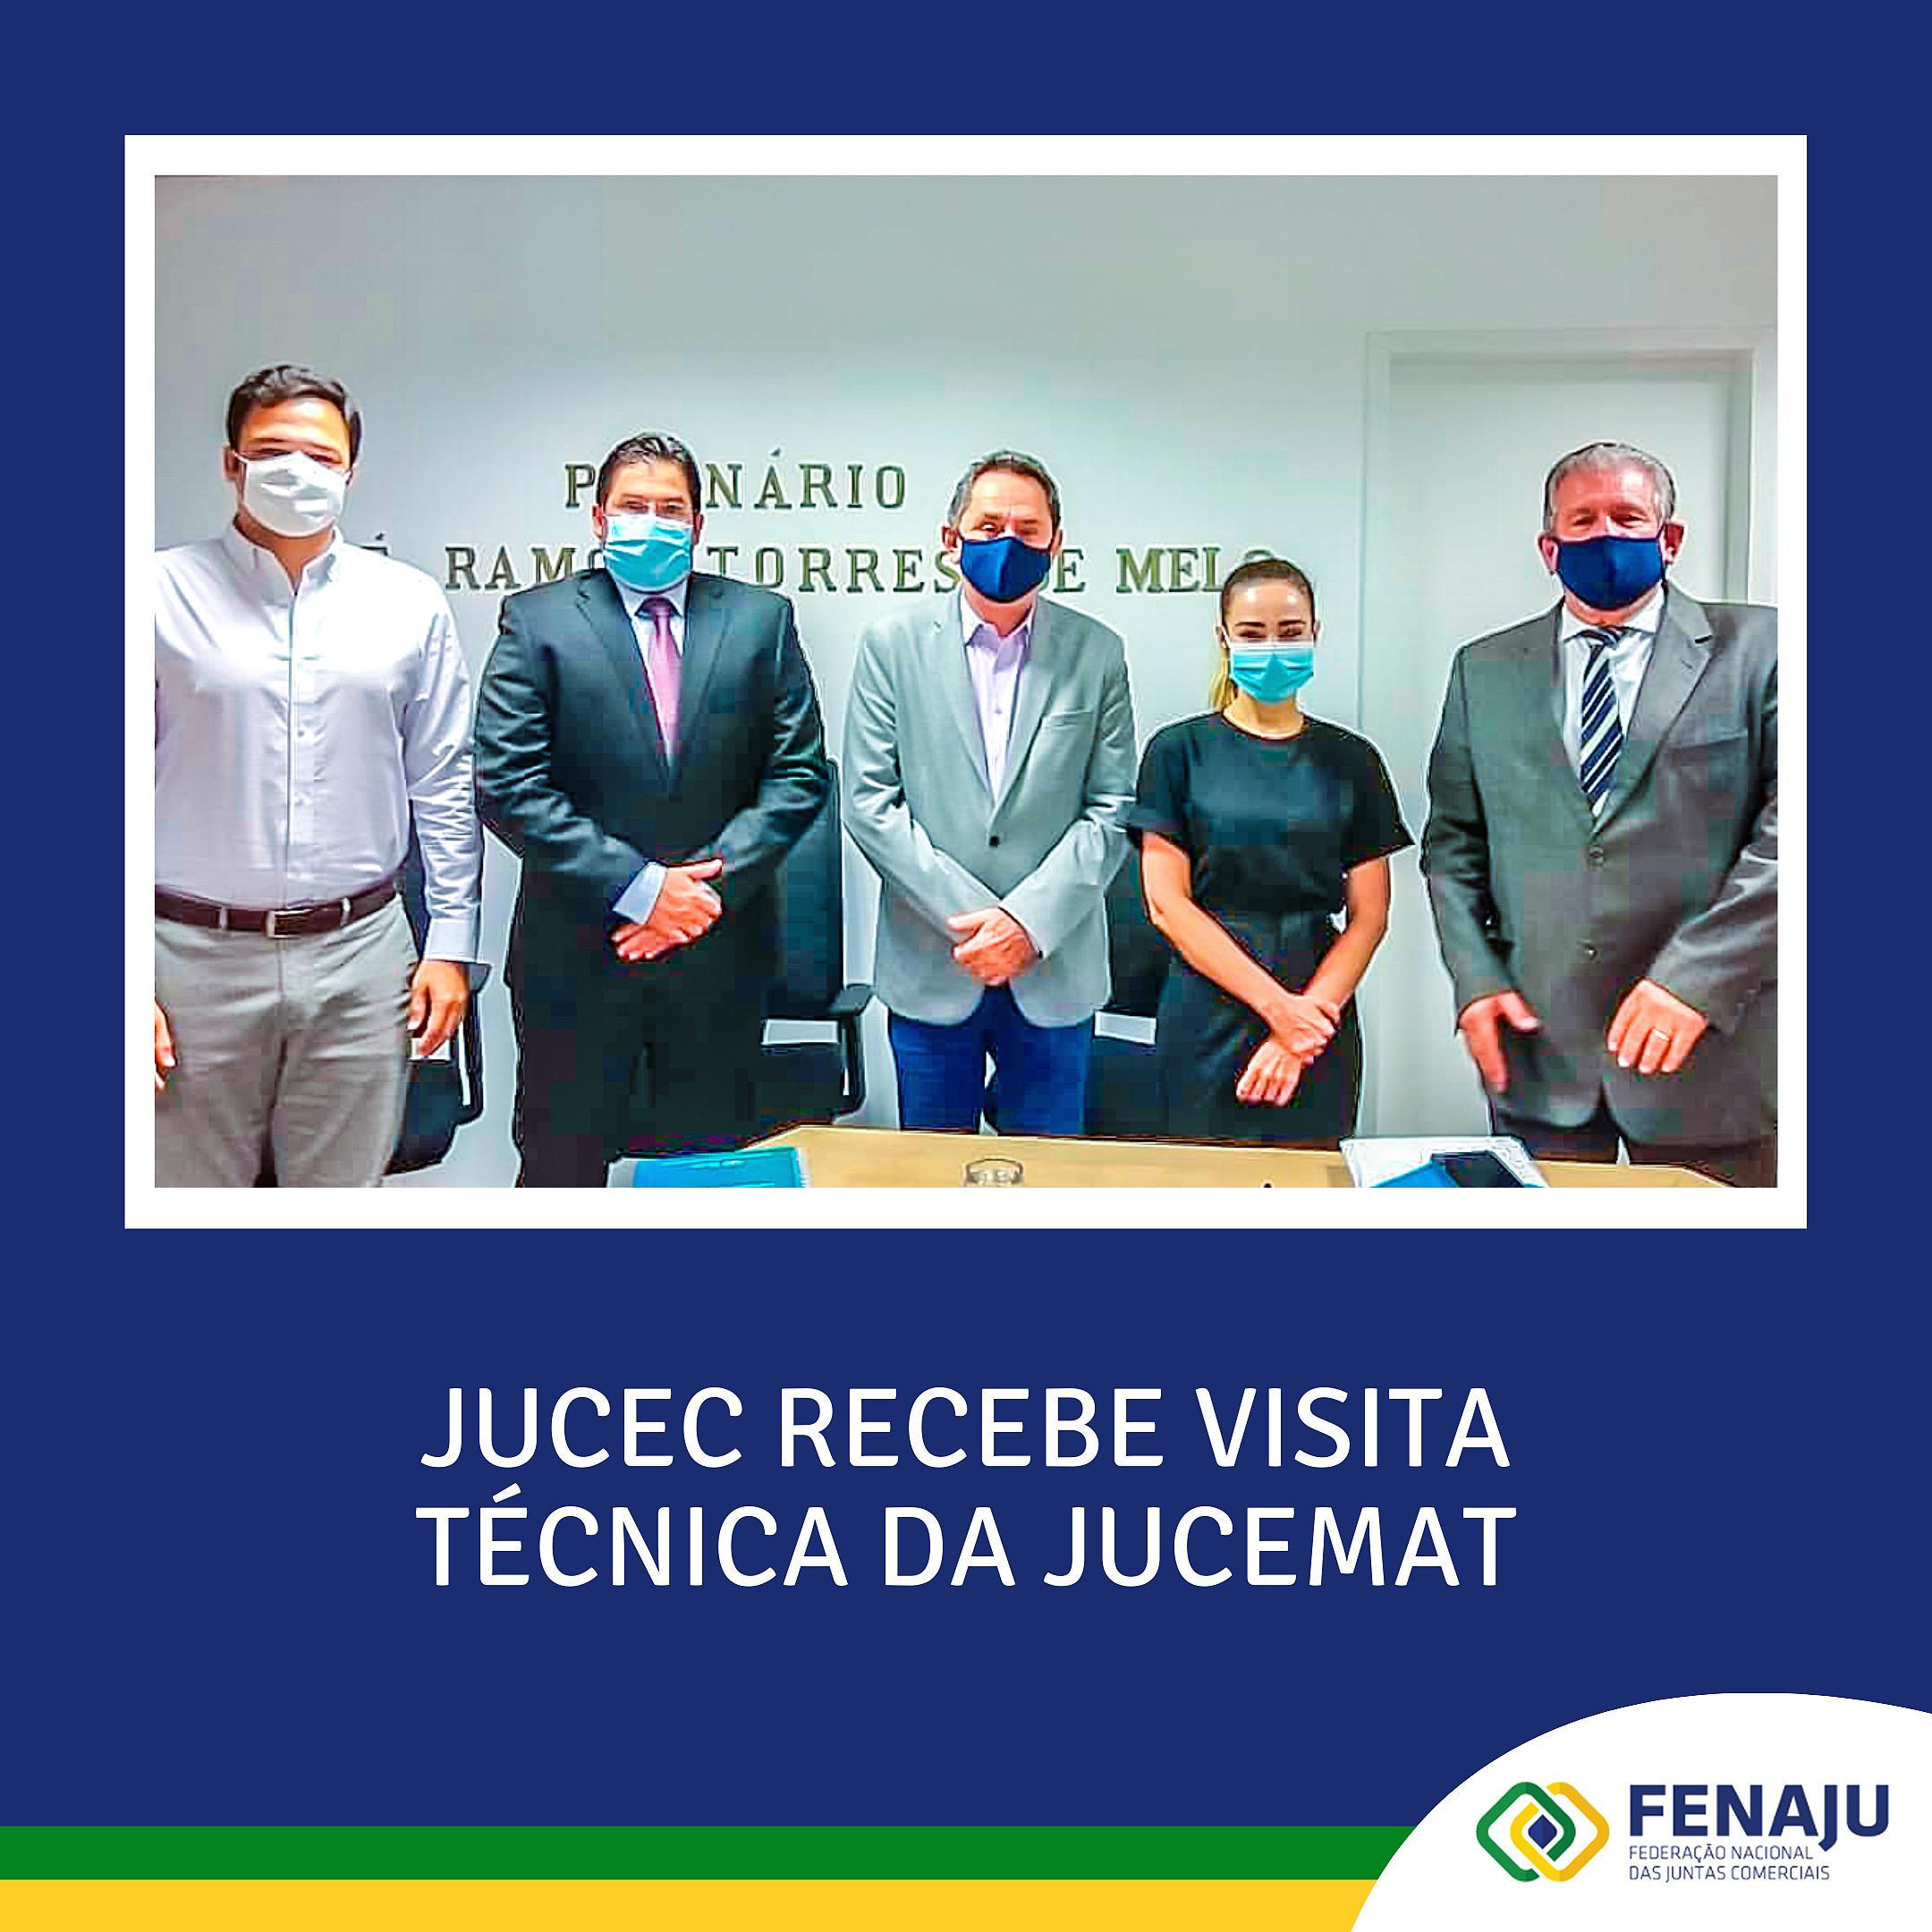 JUCEC recebe visita técnica da JUCEMAT